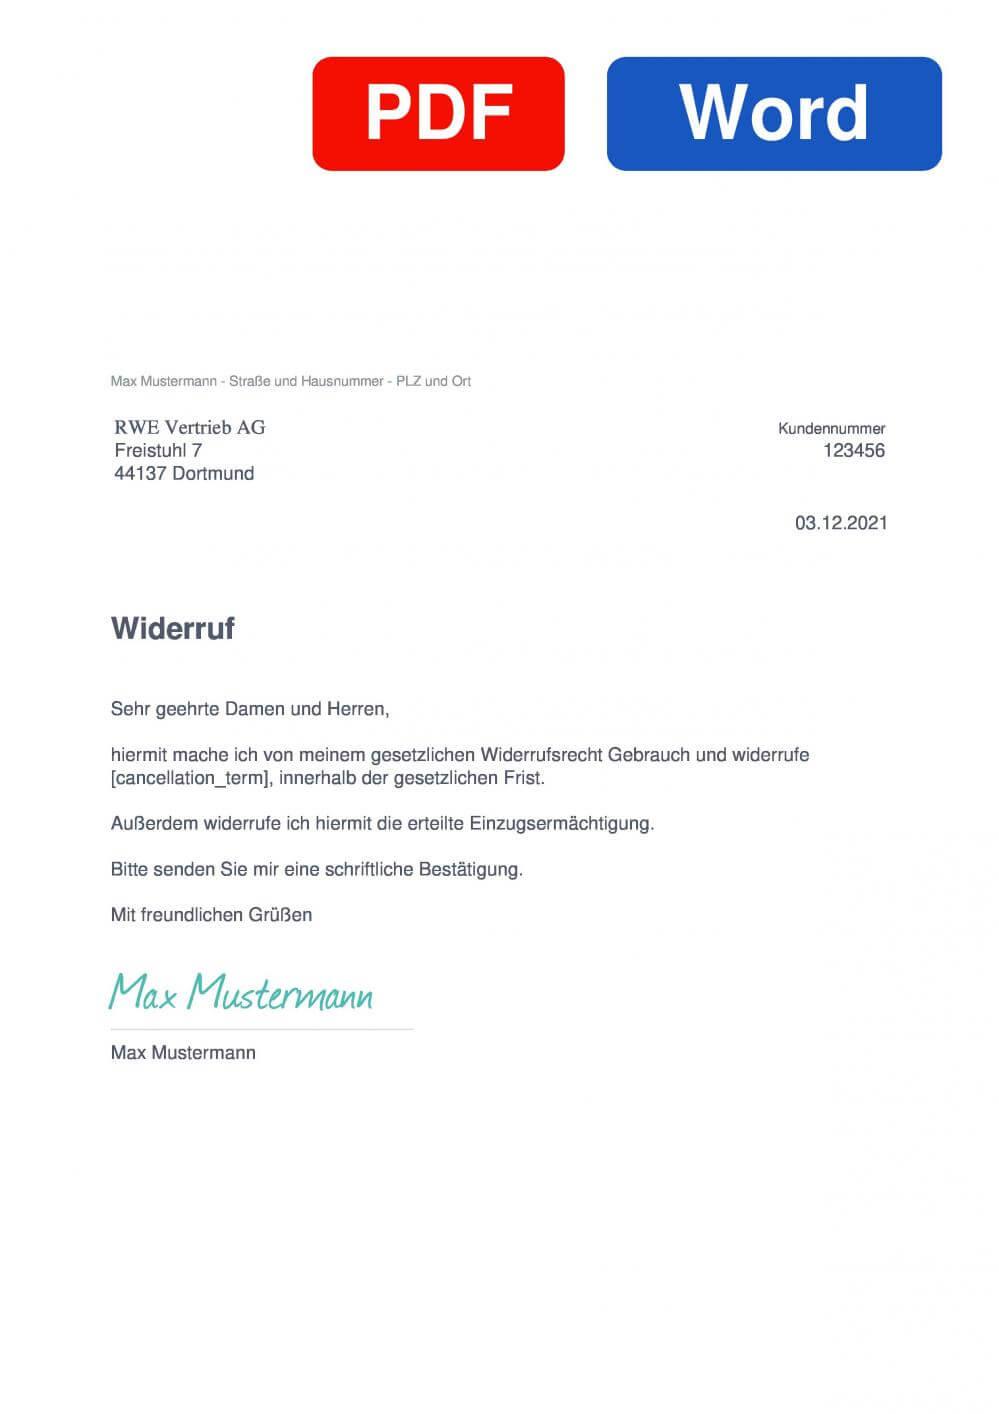 RWE Strom Muster Vorlage für Wiederrufsschreiben